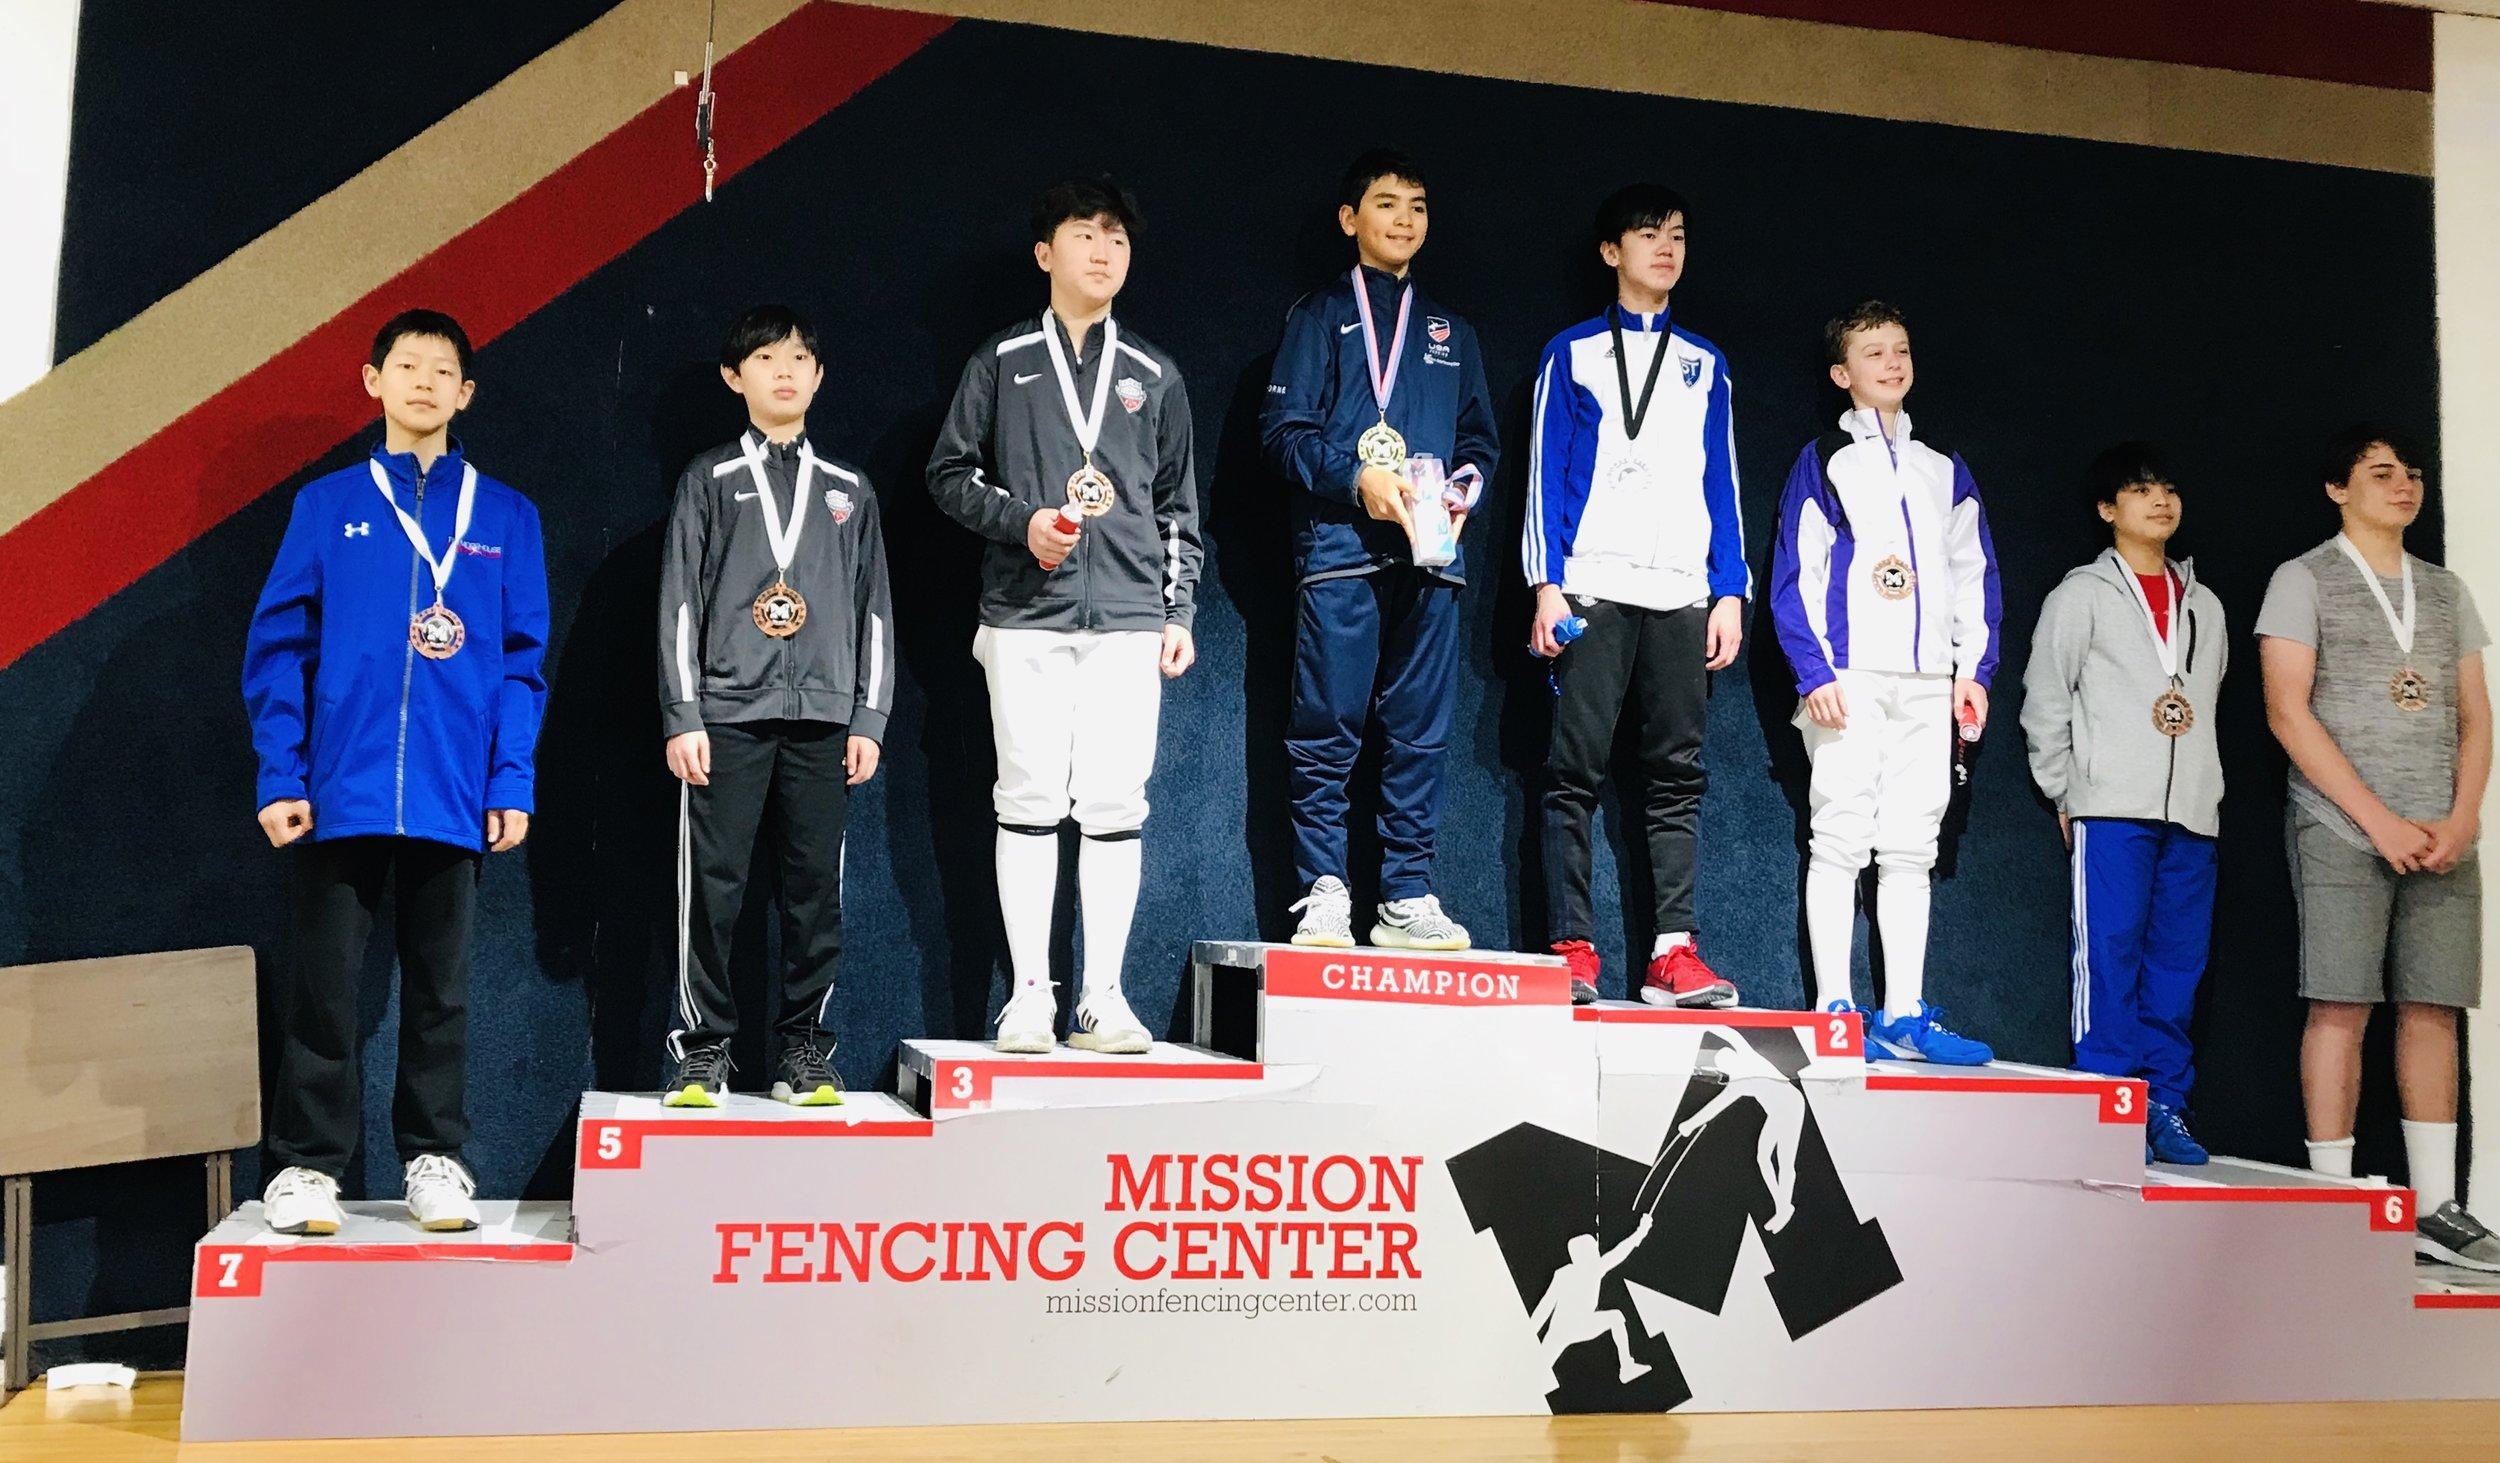 Pictured: Richard Li wins a Top-8 Medal in Y-14 Men's Foil